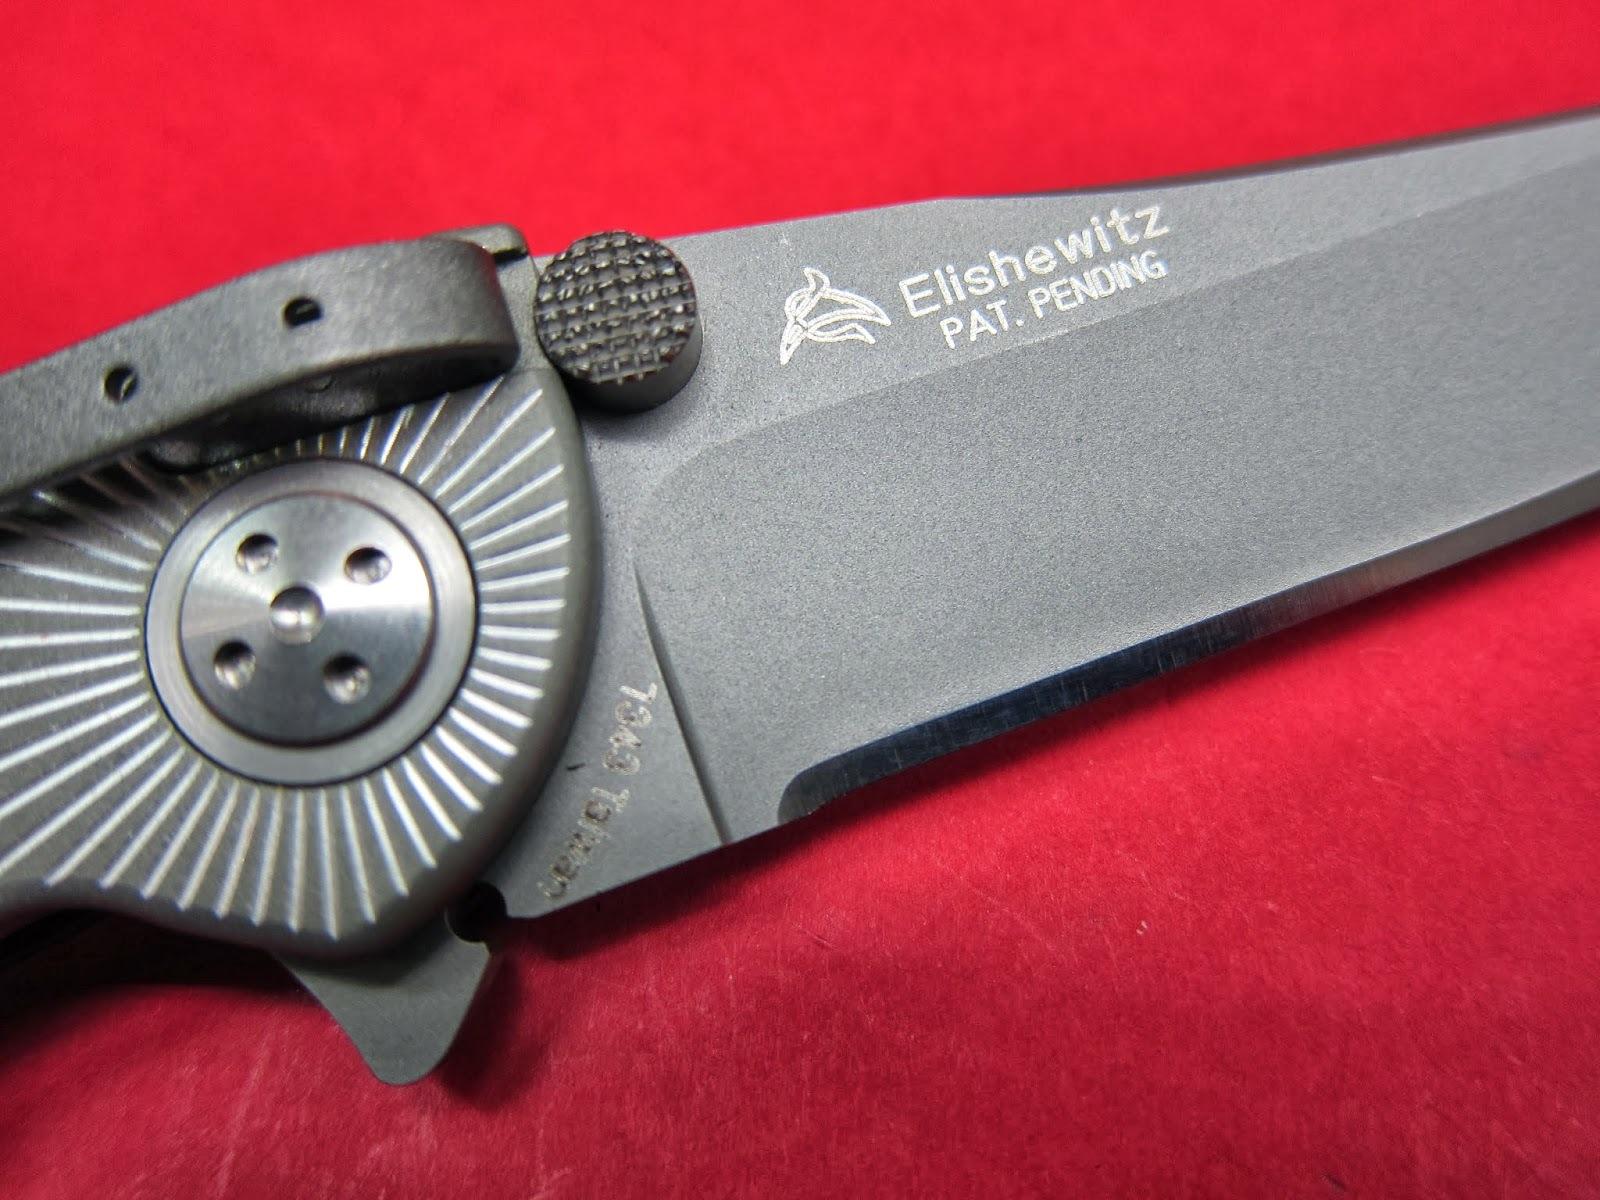 Фото 9 - Складной нож CRKT Elishewitz E-Lock Starlight, сталь AUS-8, рукоять алюминий